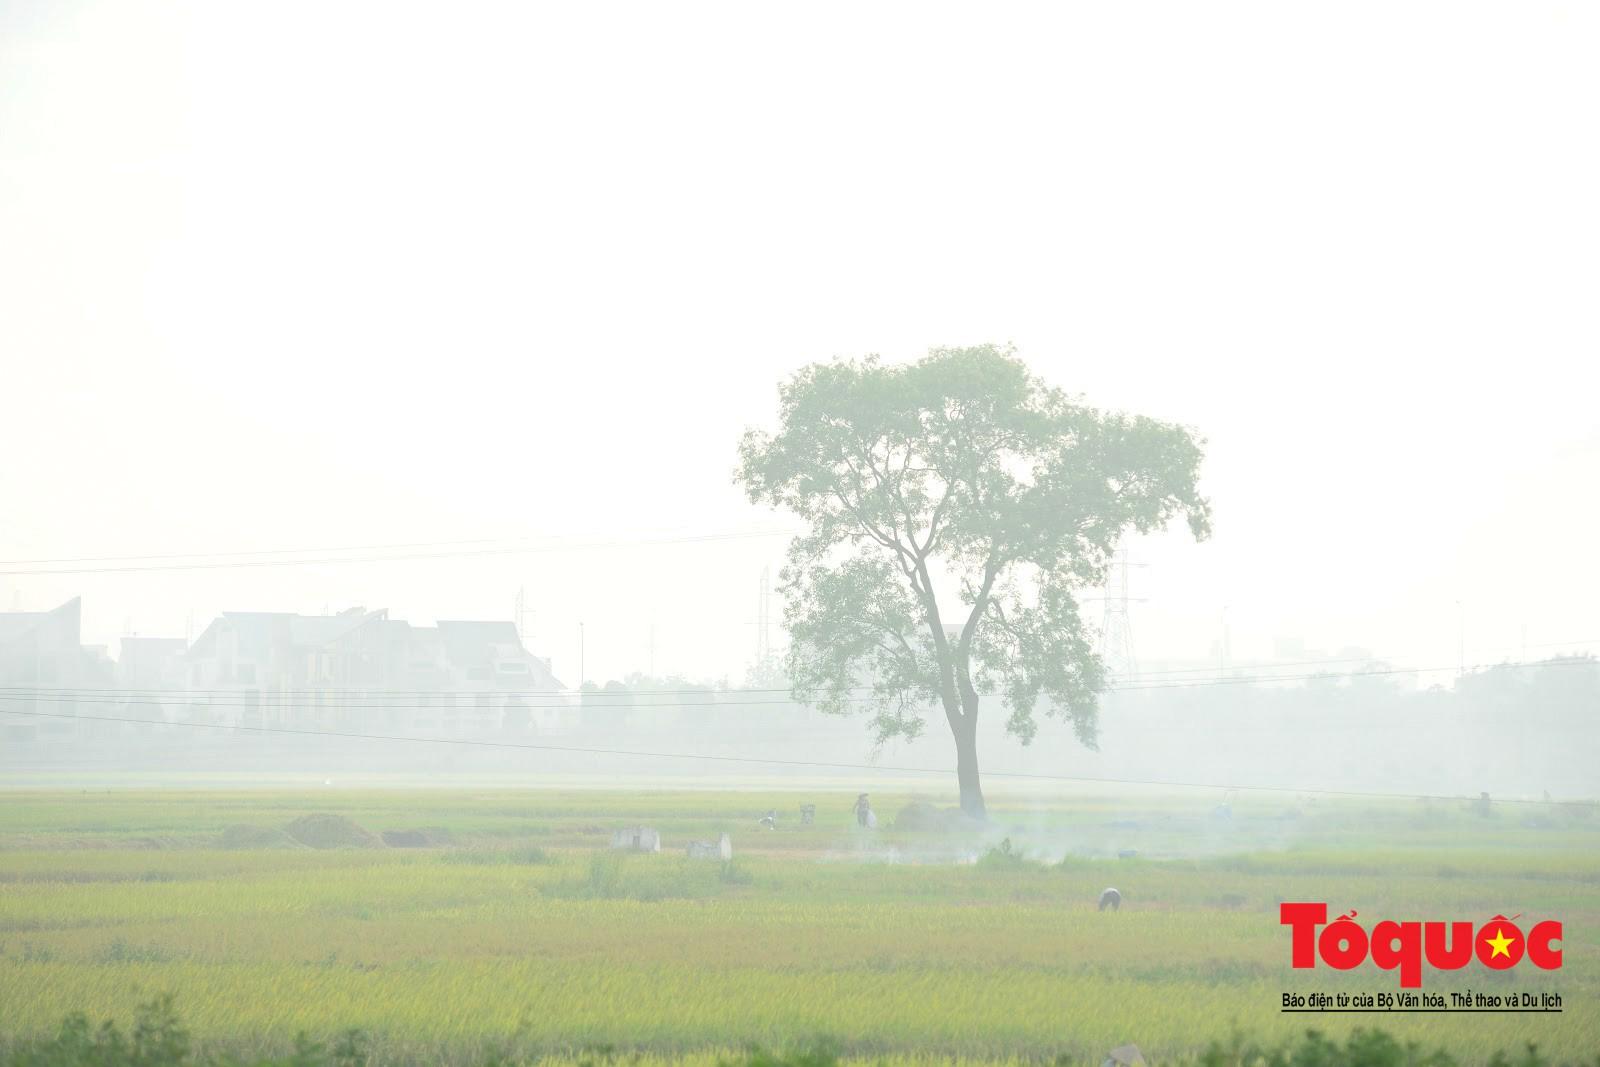 Nông dân ngoại thành vô tình khiến nội thành Hà Nội có một lớp sương mờ2